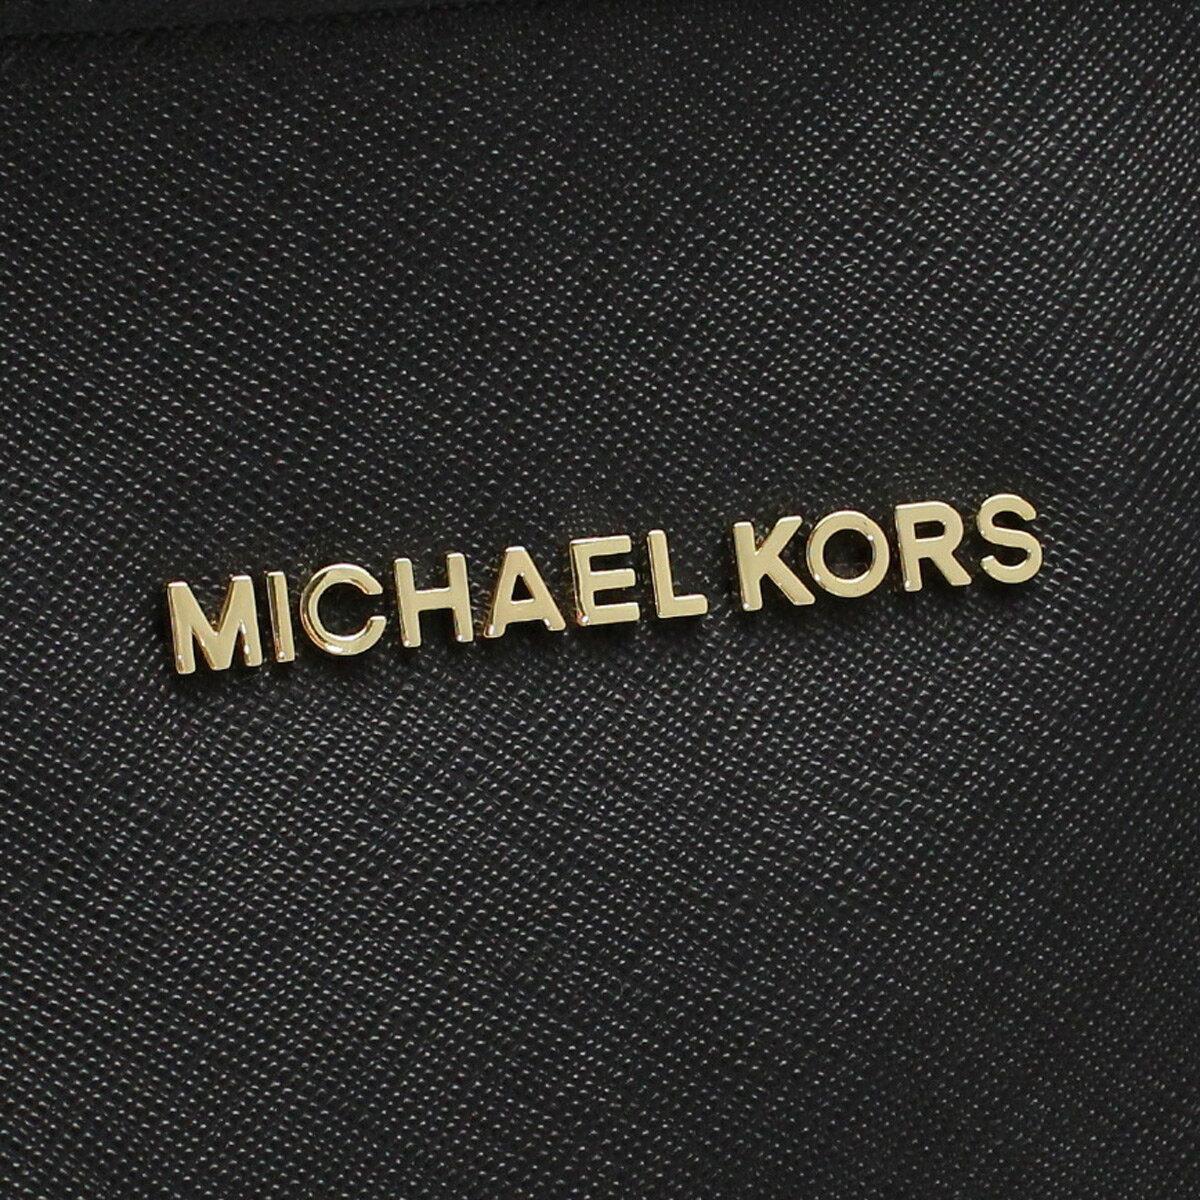 マイケル・コース (MICHAEL KORS)...の紹介画像2